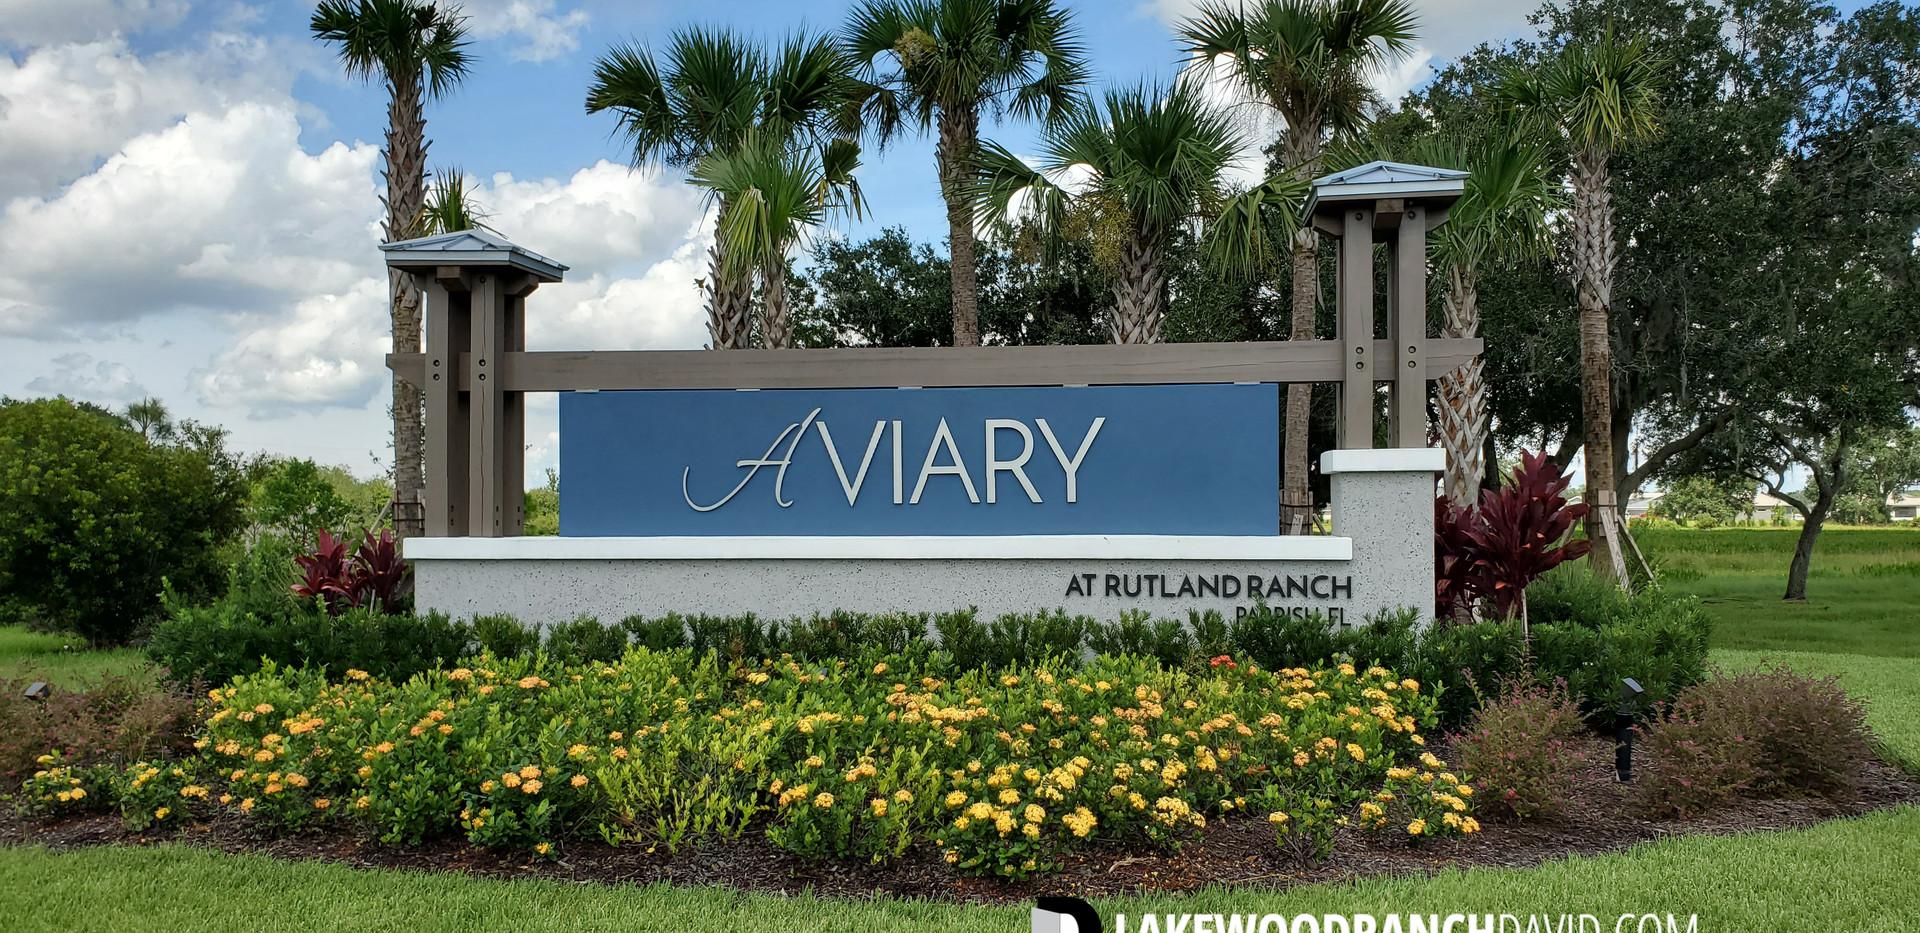 Aviary Rutland Ranch new homes Parrish FL